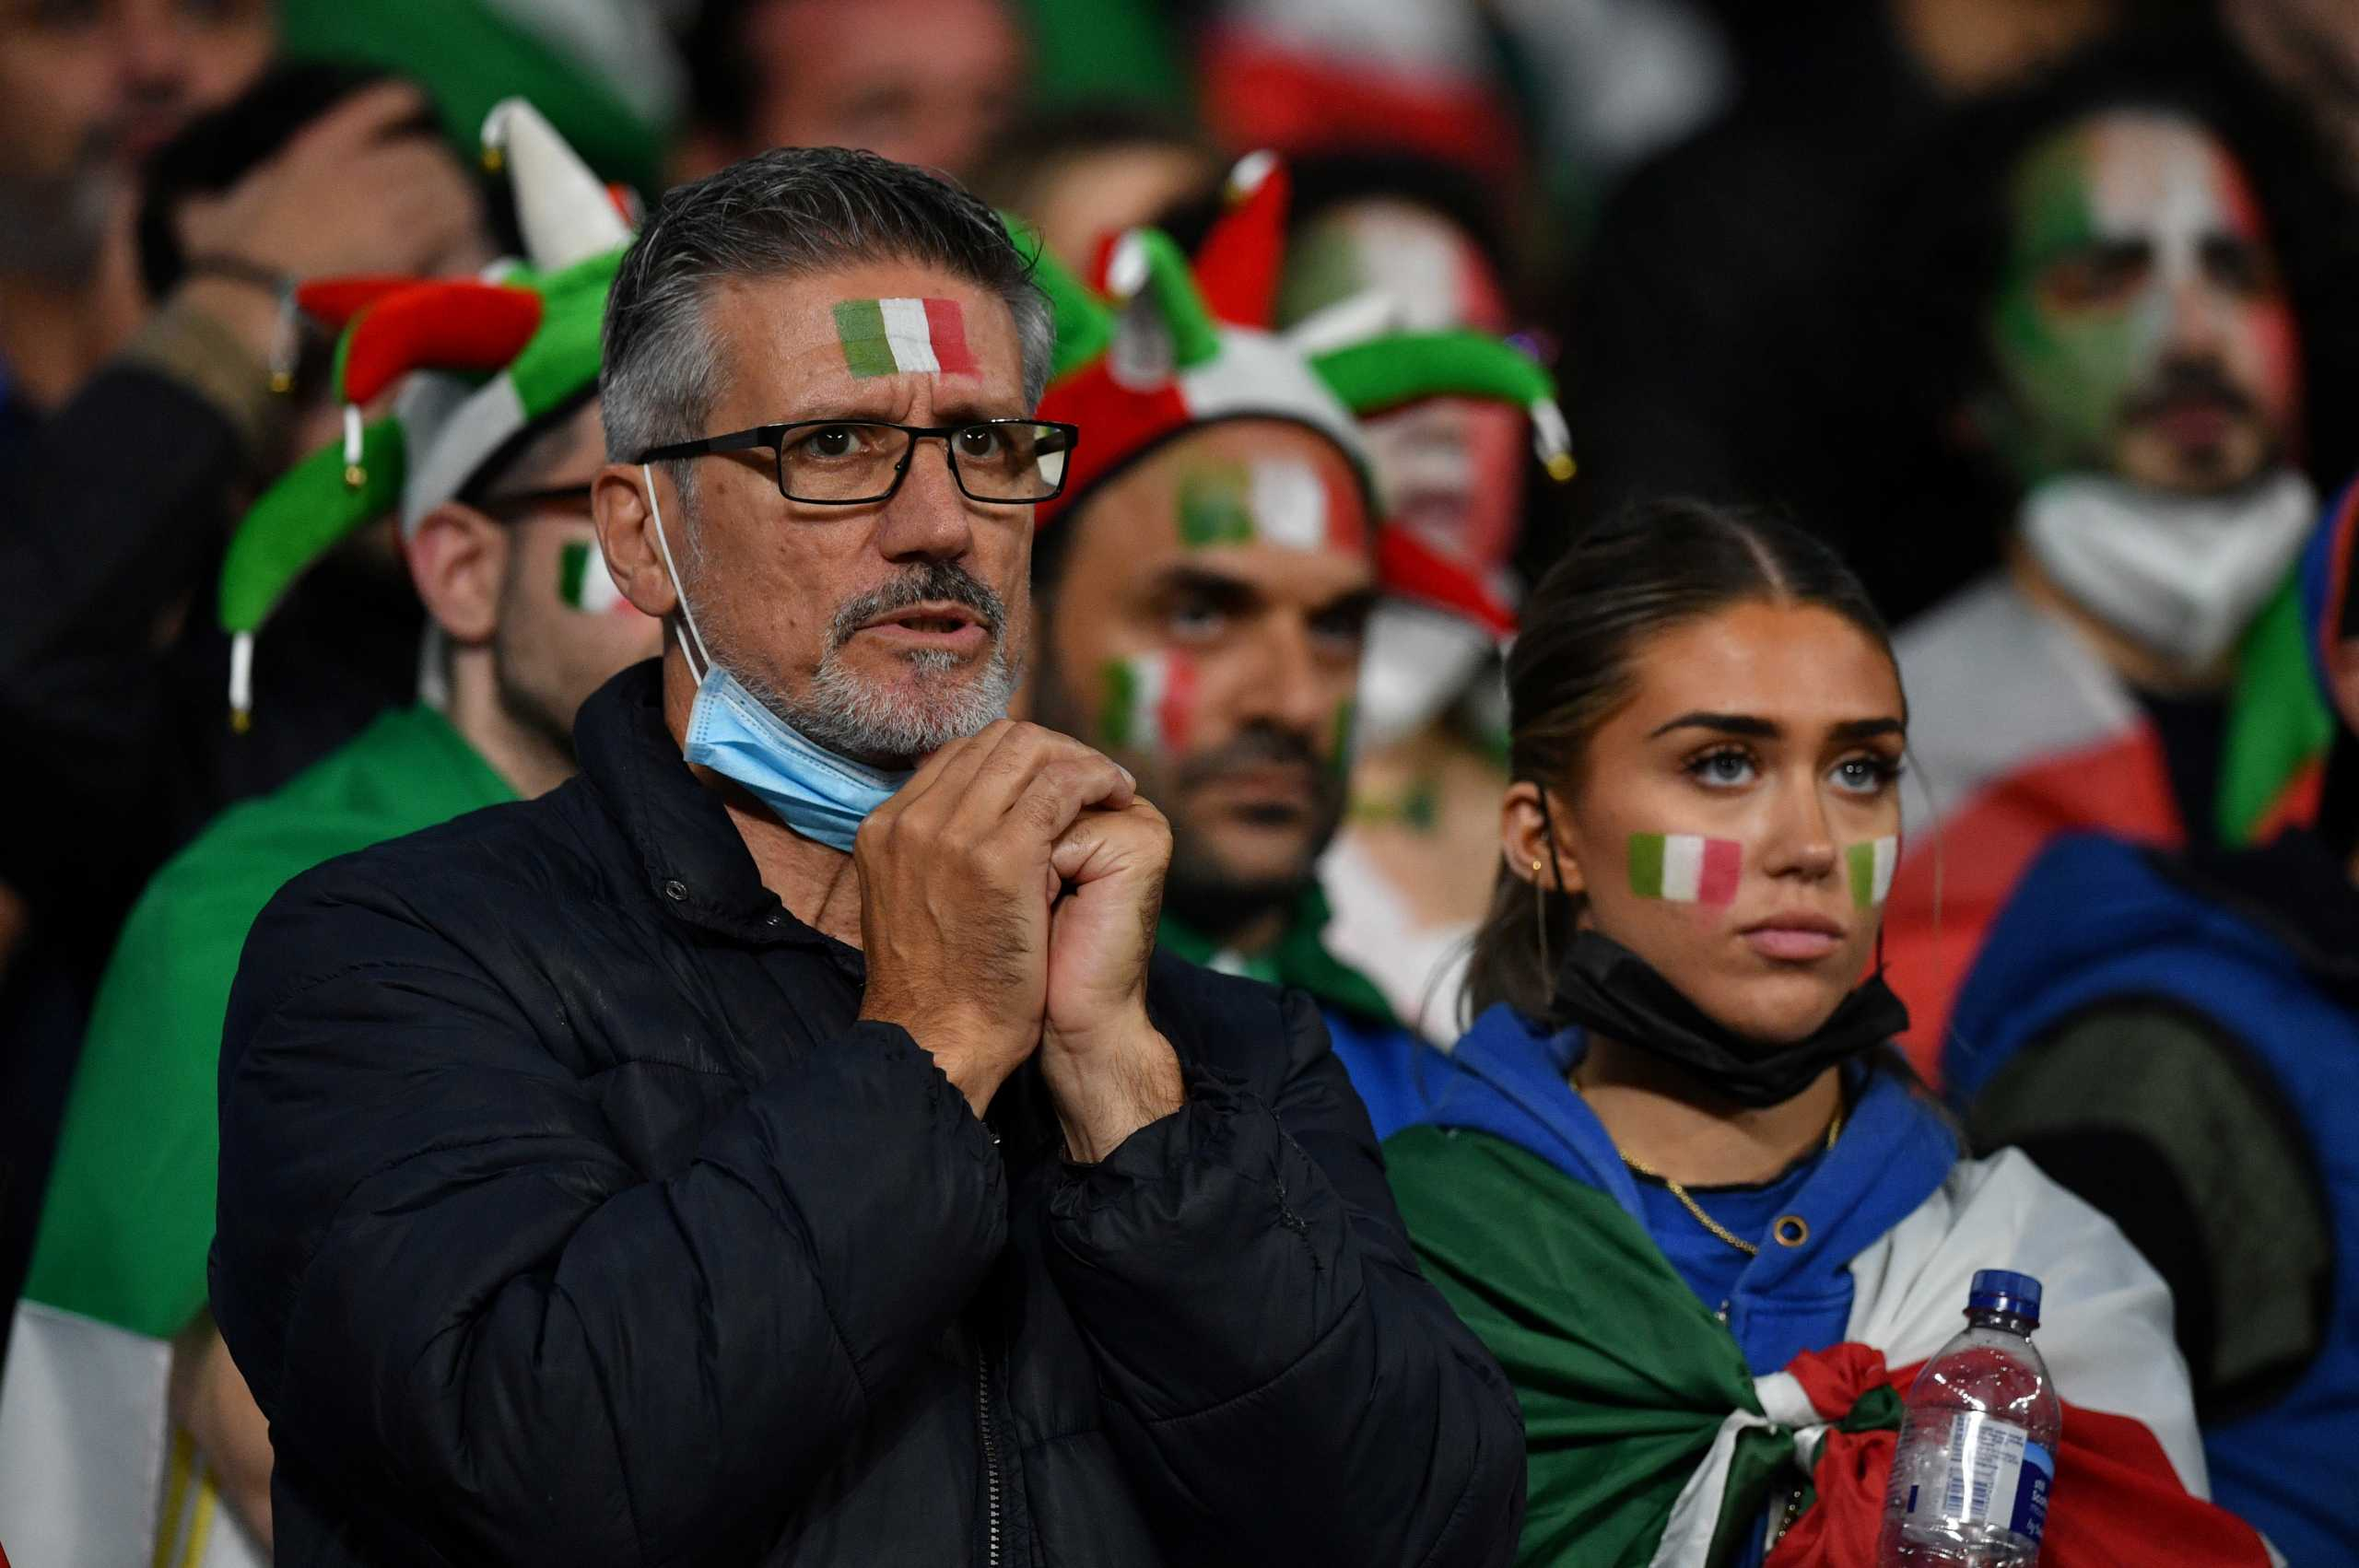 Euro 2020: Συμφωνία των Αρχών για παρουσία 1000 Ιταλών στον τελικό του «Γουέμπλεϊ»